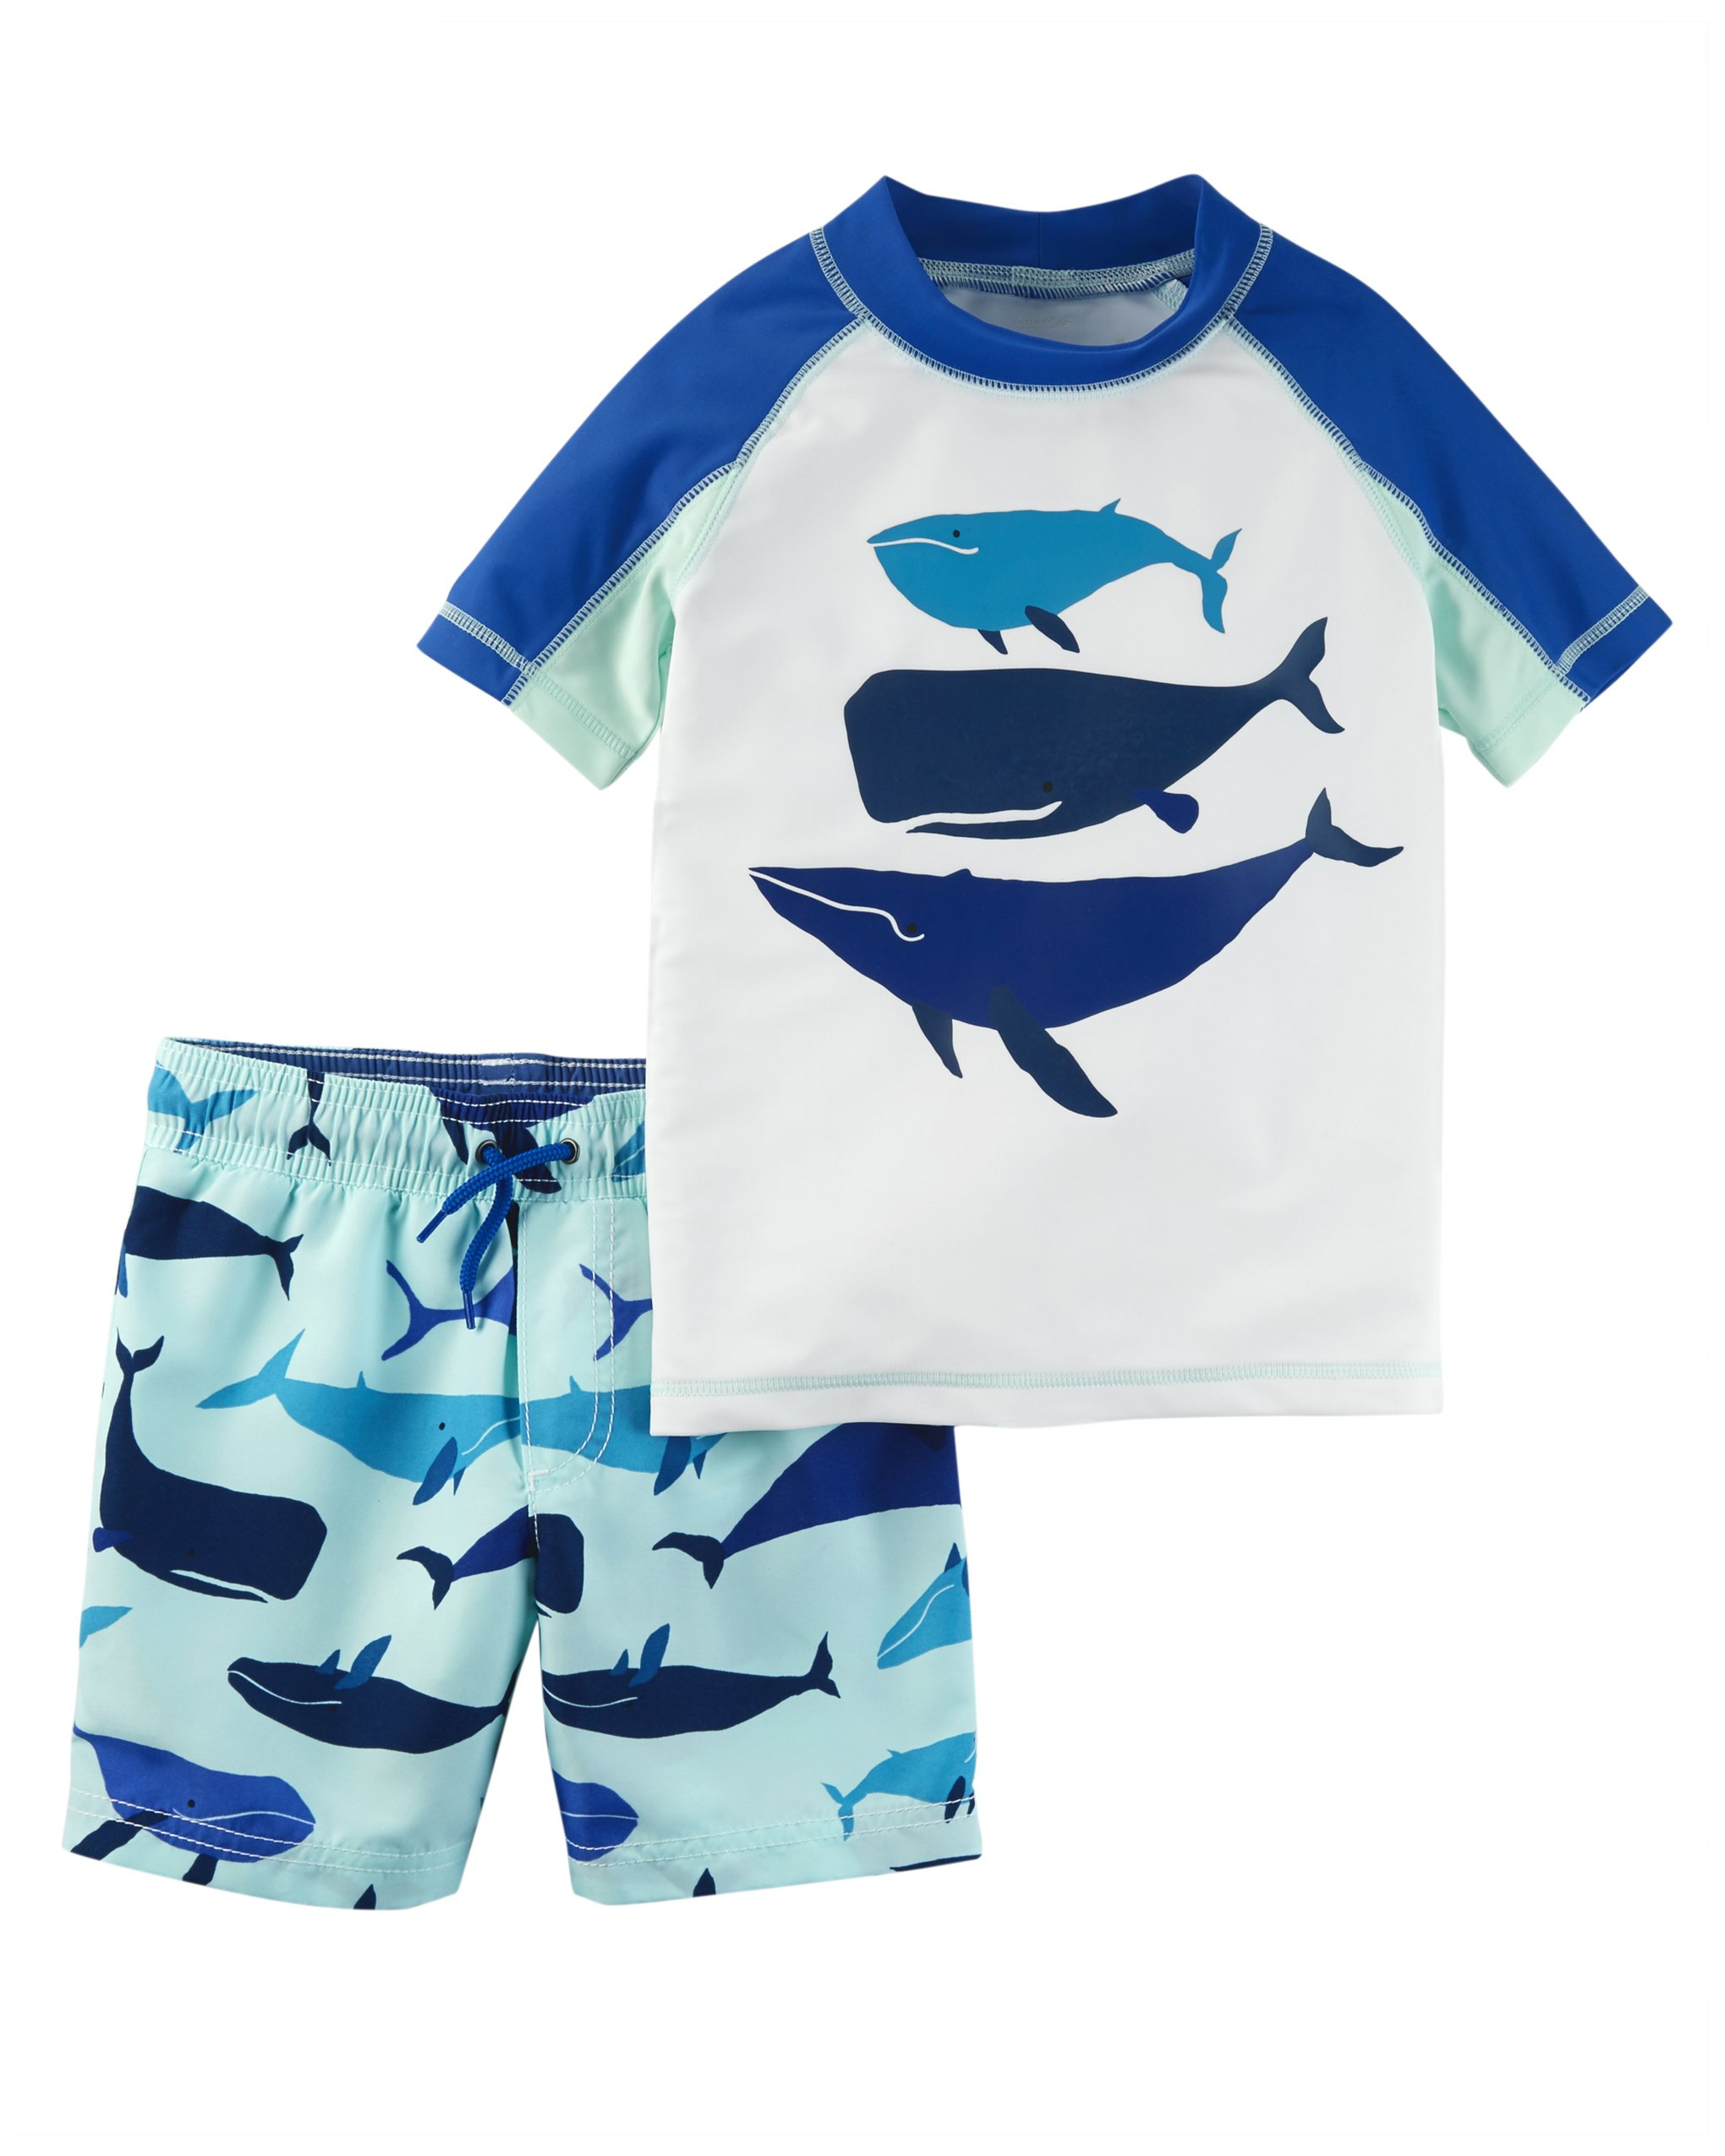 Carter's Boys' Toddler Rashguard Set, Blue Whale, 4T